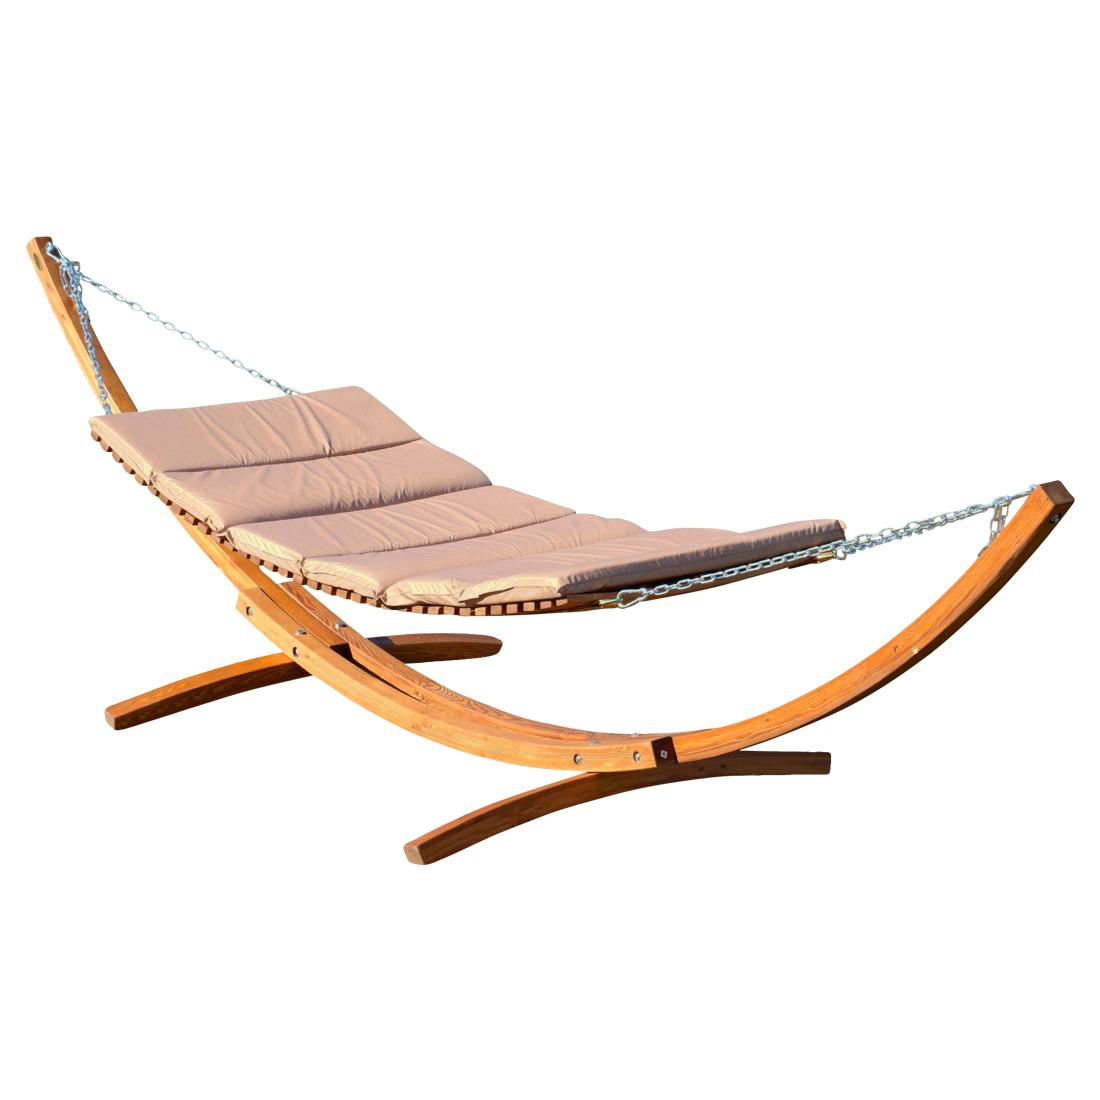 Doppel - Sonnenliege TULUM-BRAUN/BRONZE extrabreit für 2 Personen mit verstellbarem Dach aus Holz Lärche